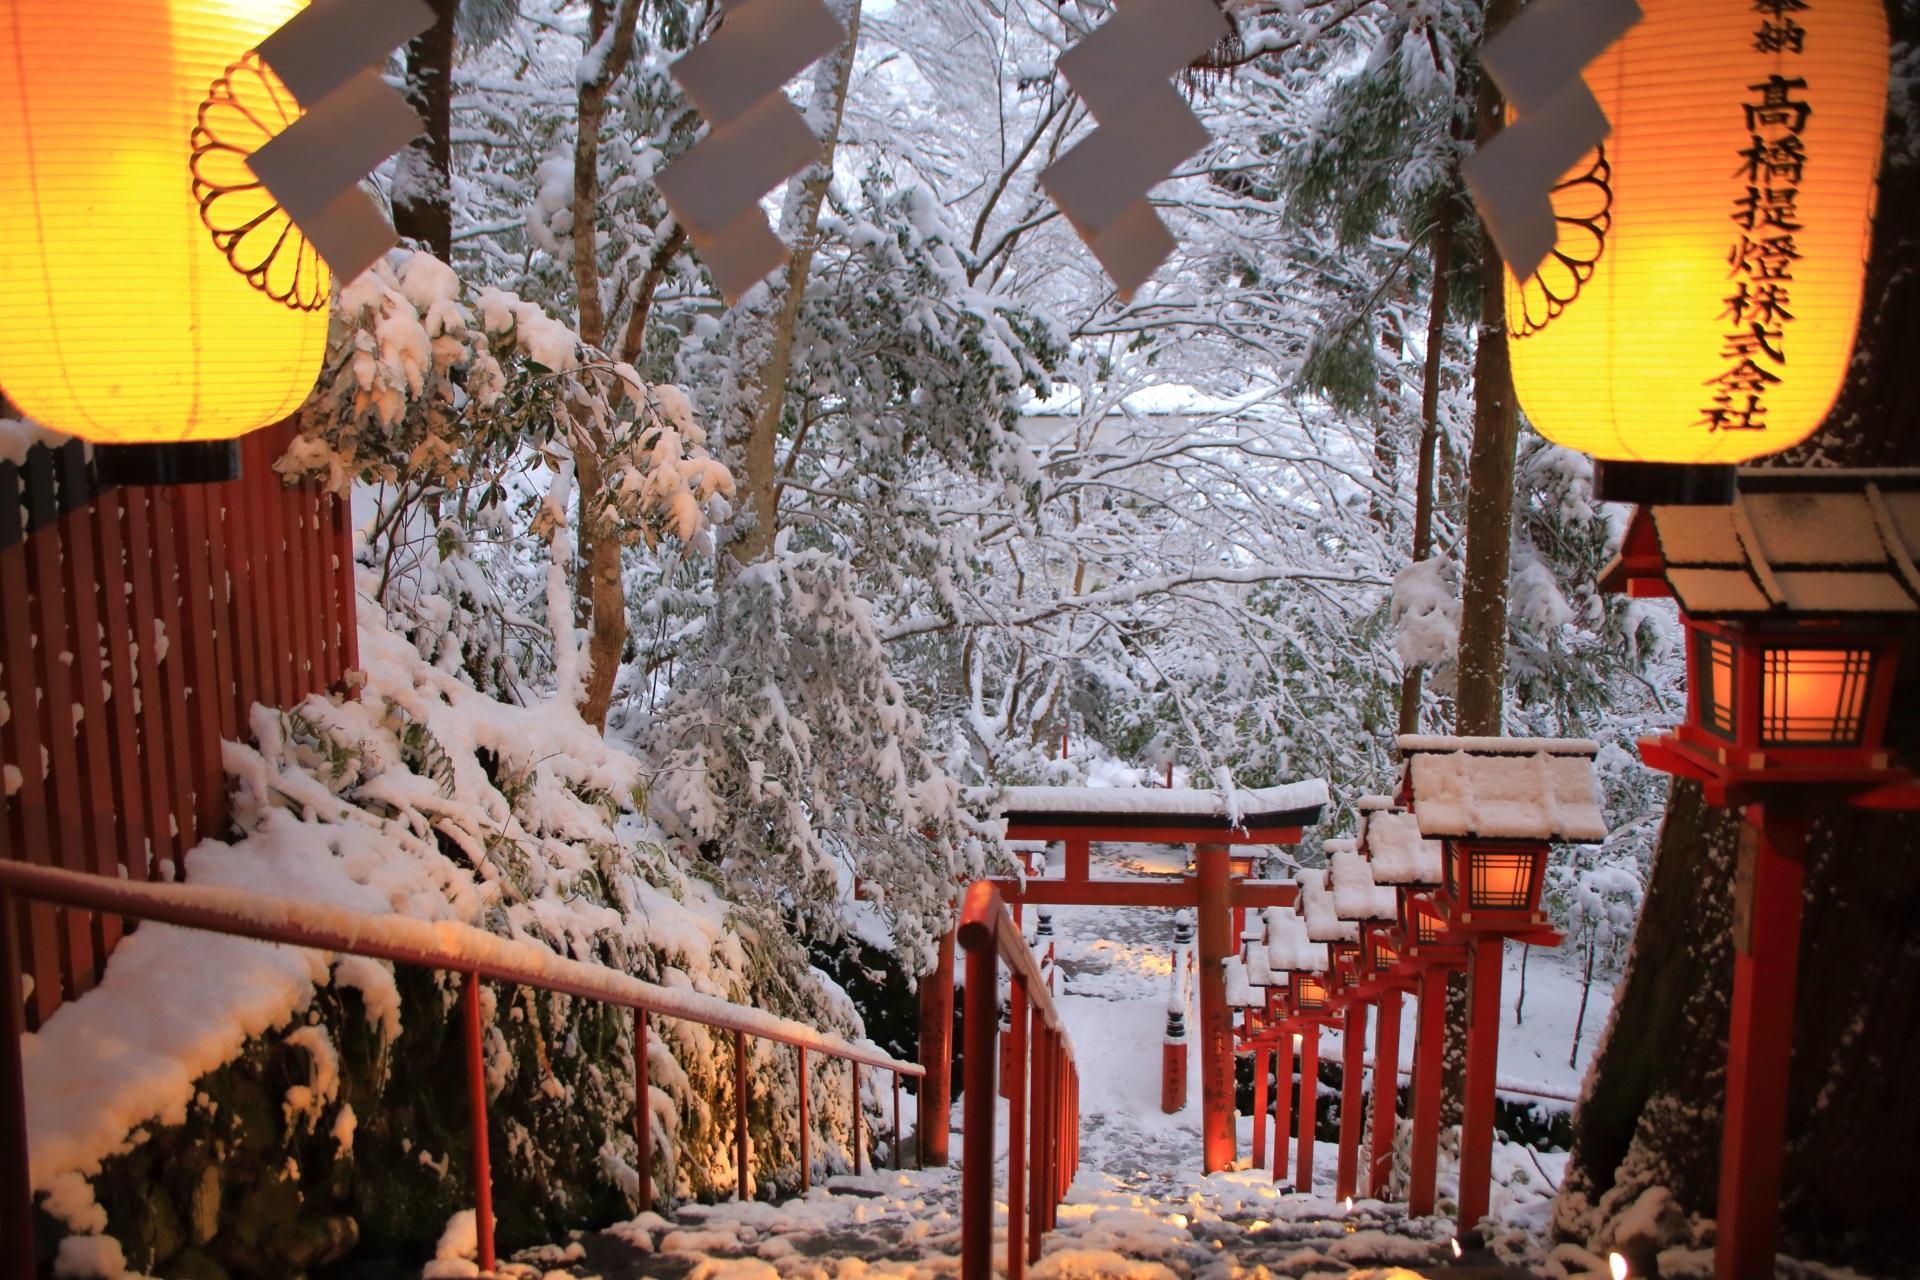 貴船神社の提灯と雪につつまれる石段